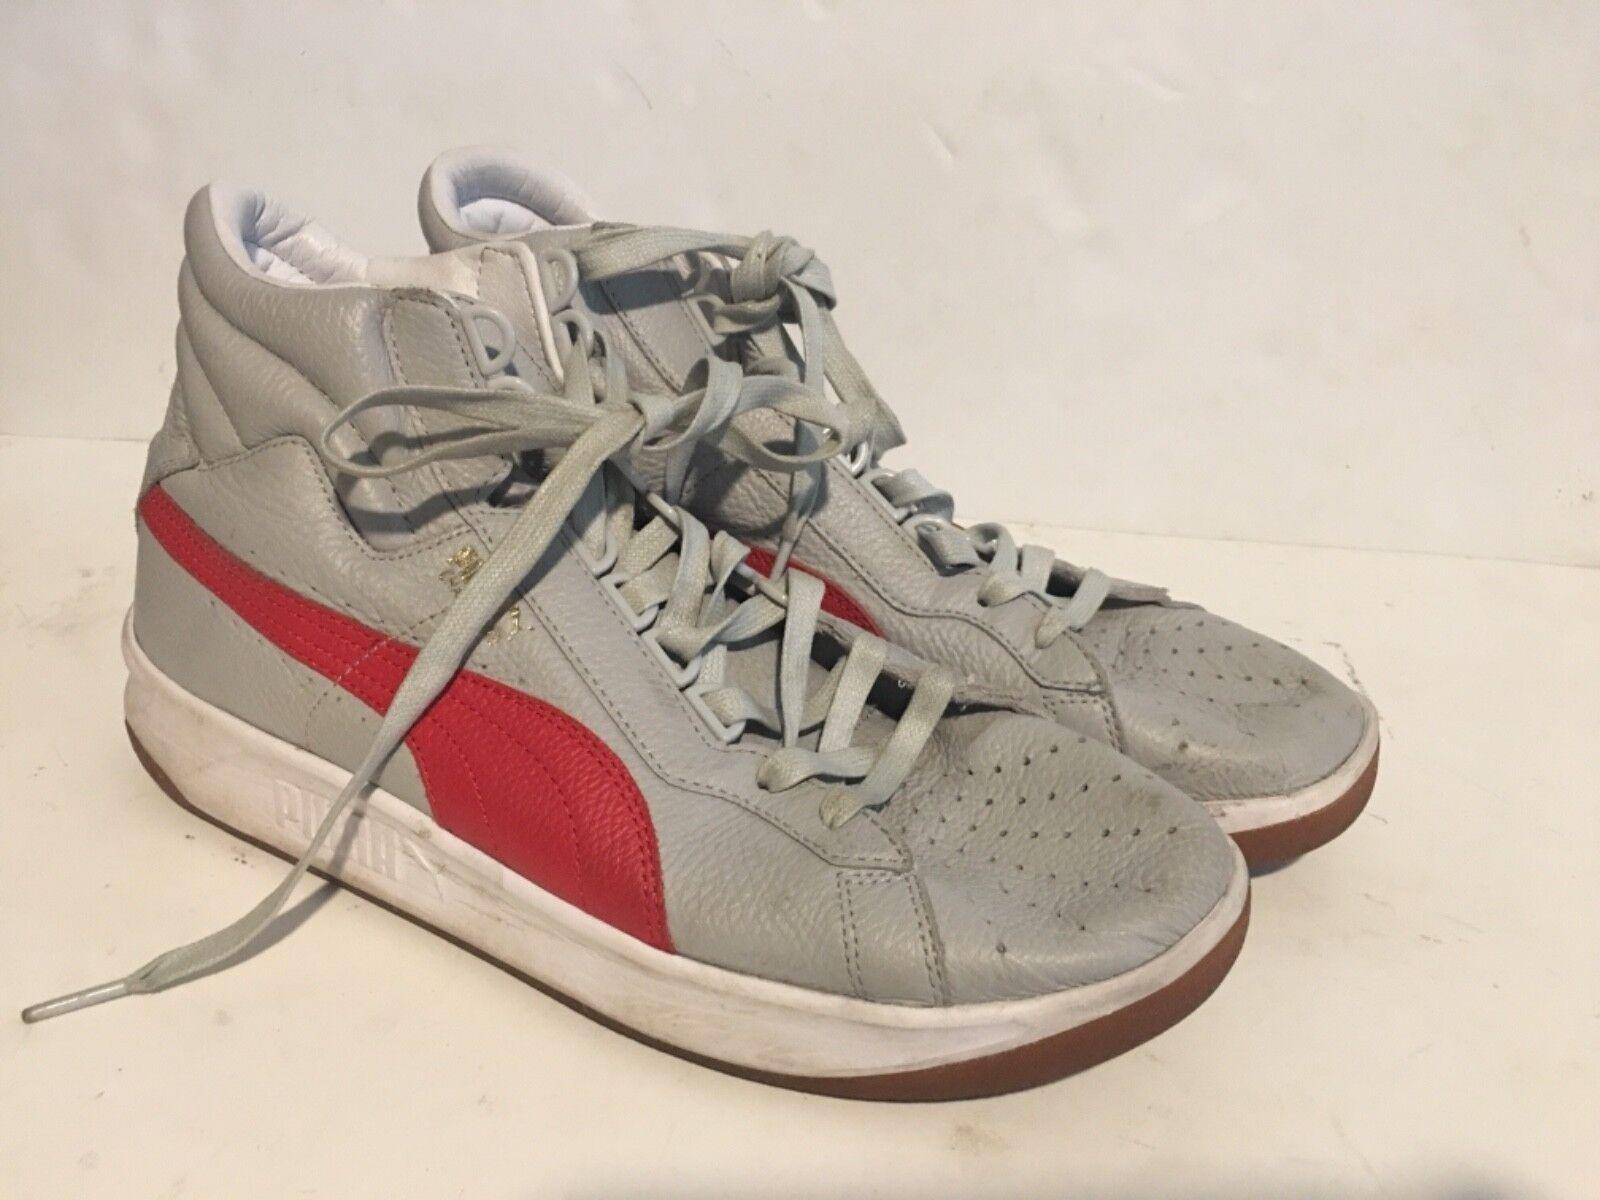 on sale 755c1 06a5e Puma Hombre zapatillas retro de cuero cuero cuero tamaño desafío 357882-08 Wild  Casual Shoes